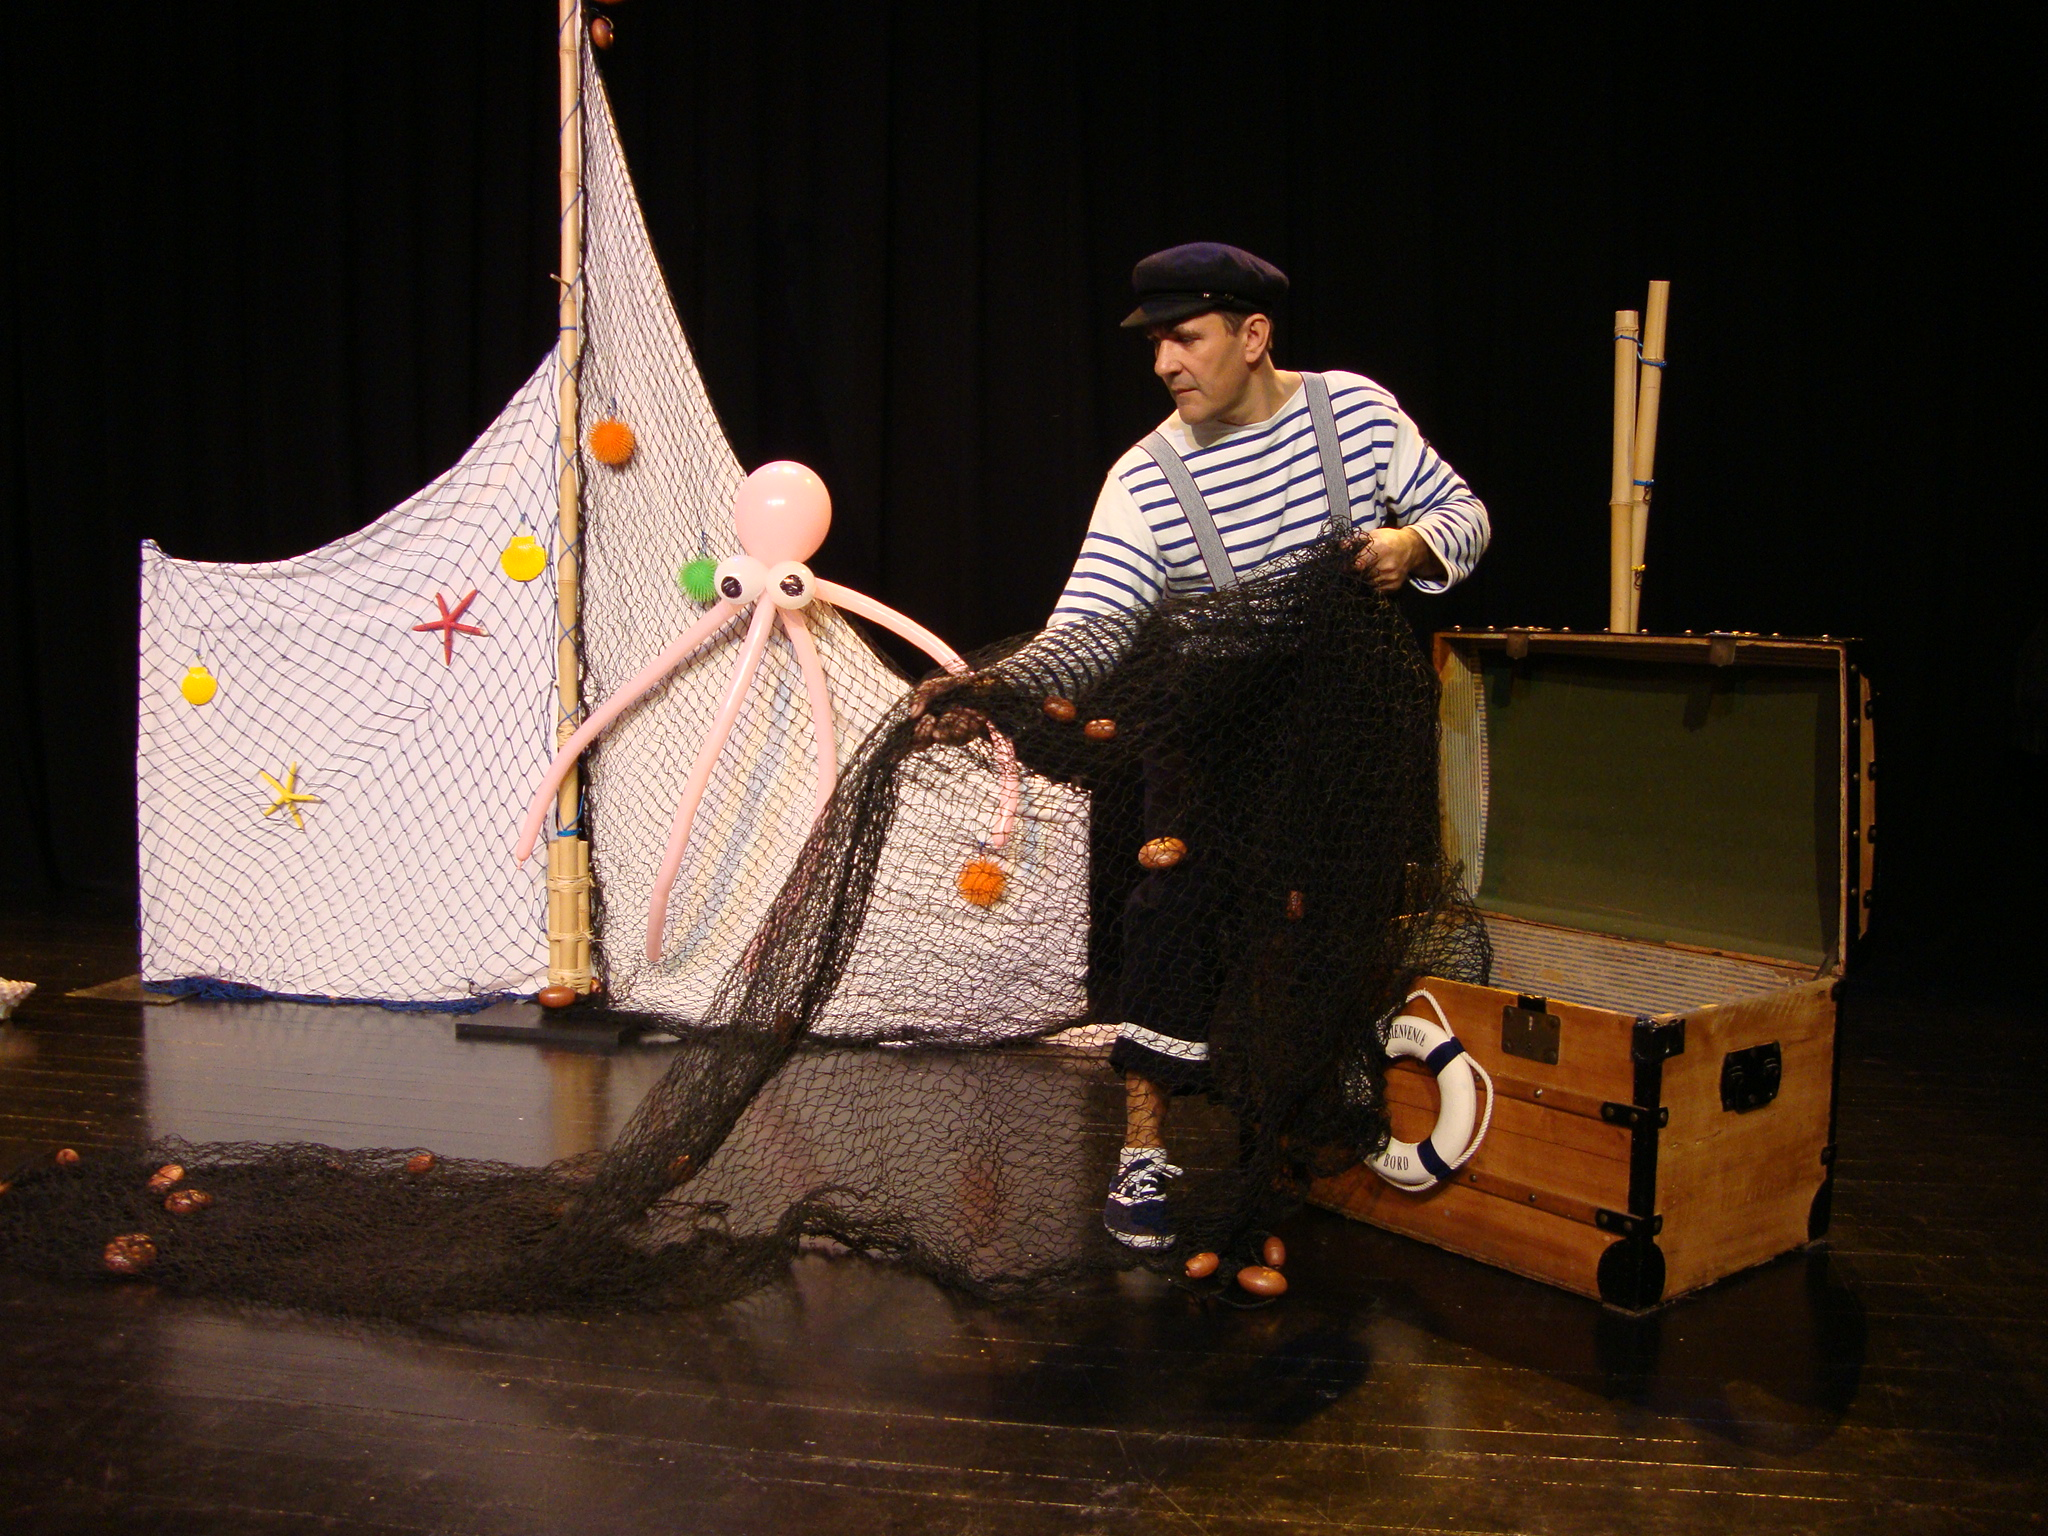 Marin qui range son filet de pêche dans un coffre de pirate. Cirkonflex